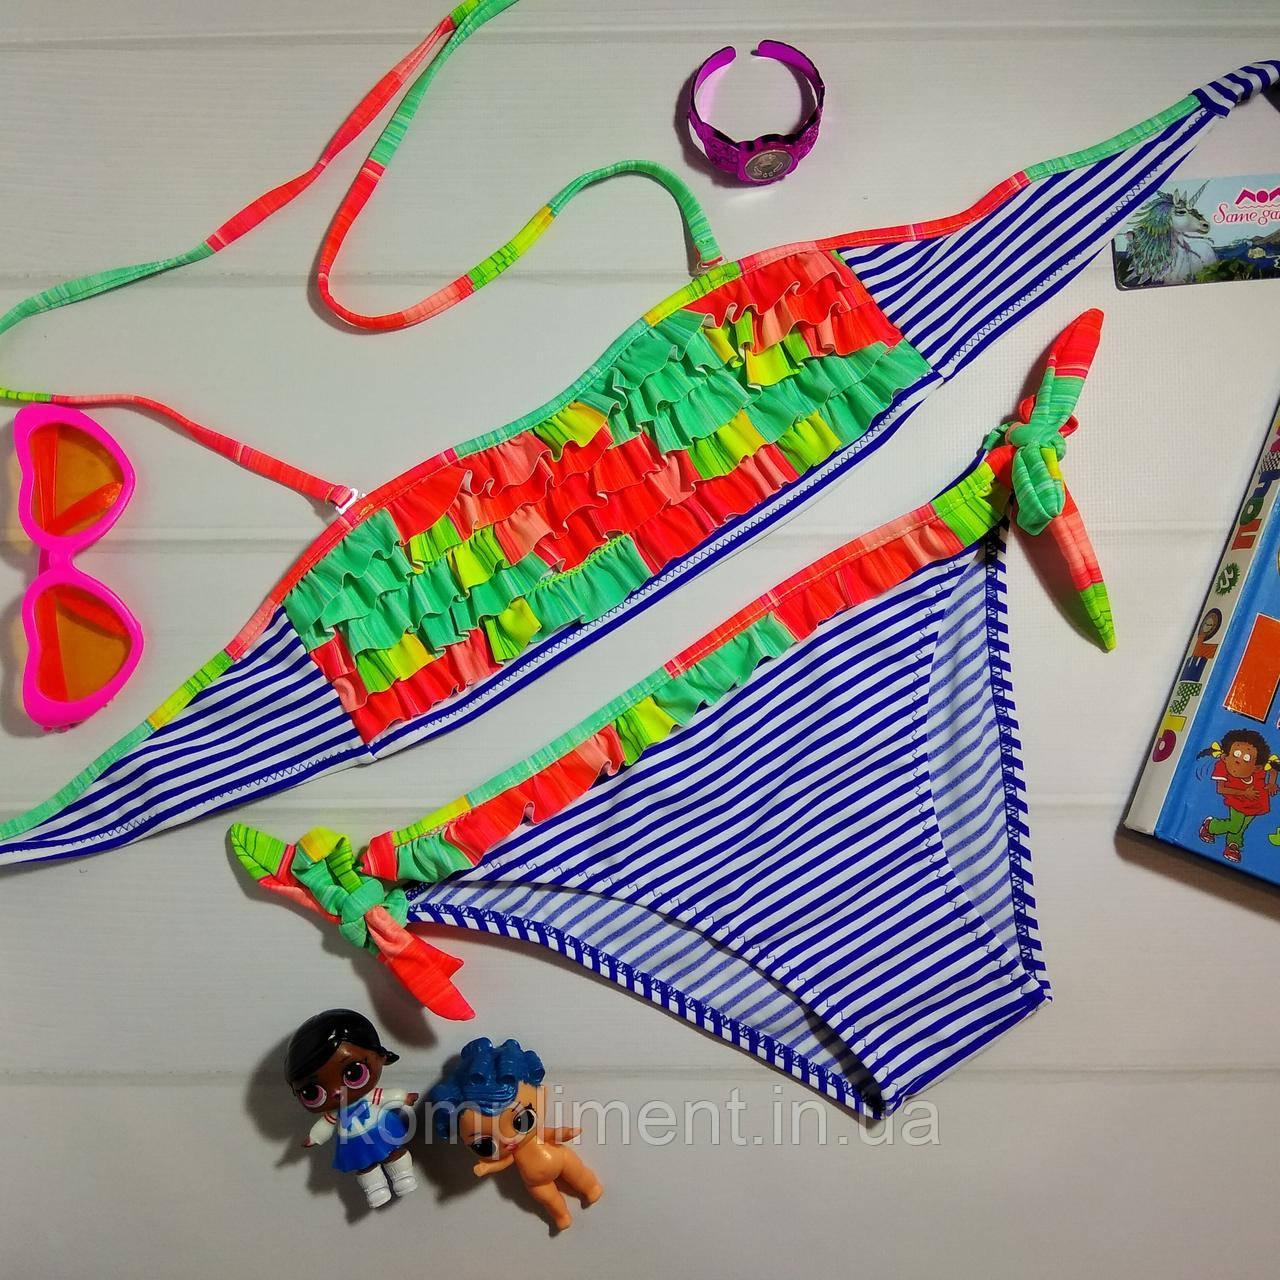 Яскравий дитячий купальник для дівчинки A - 2465